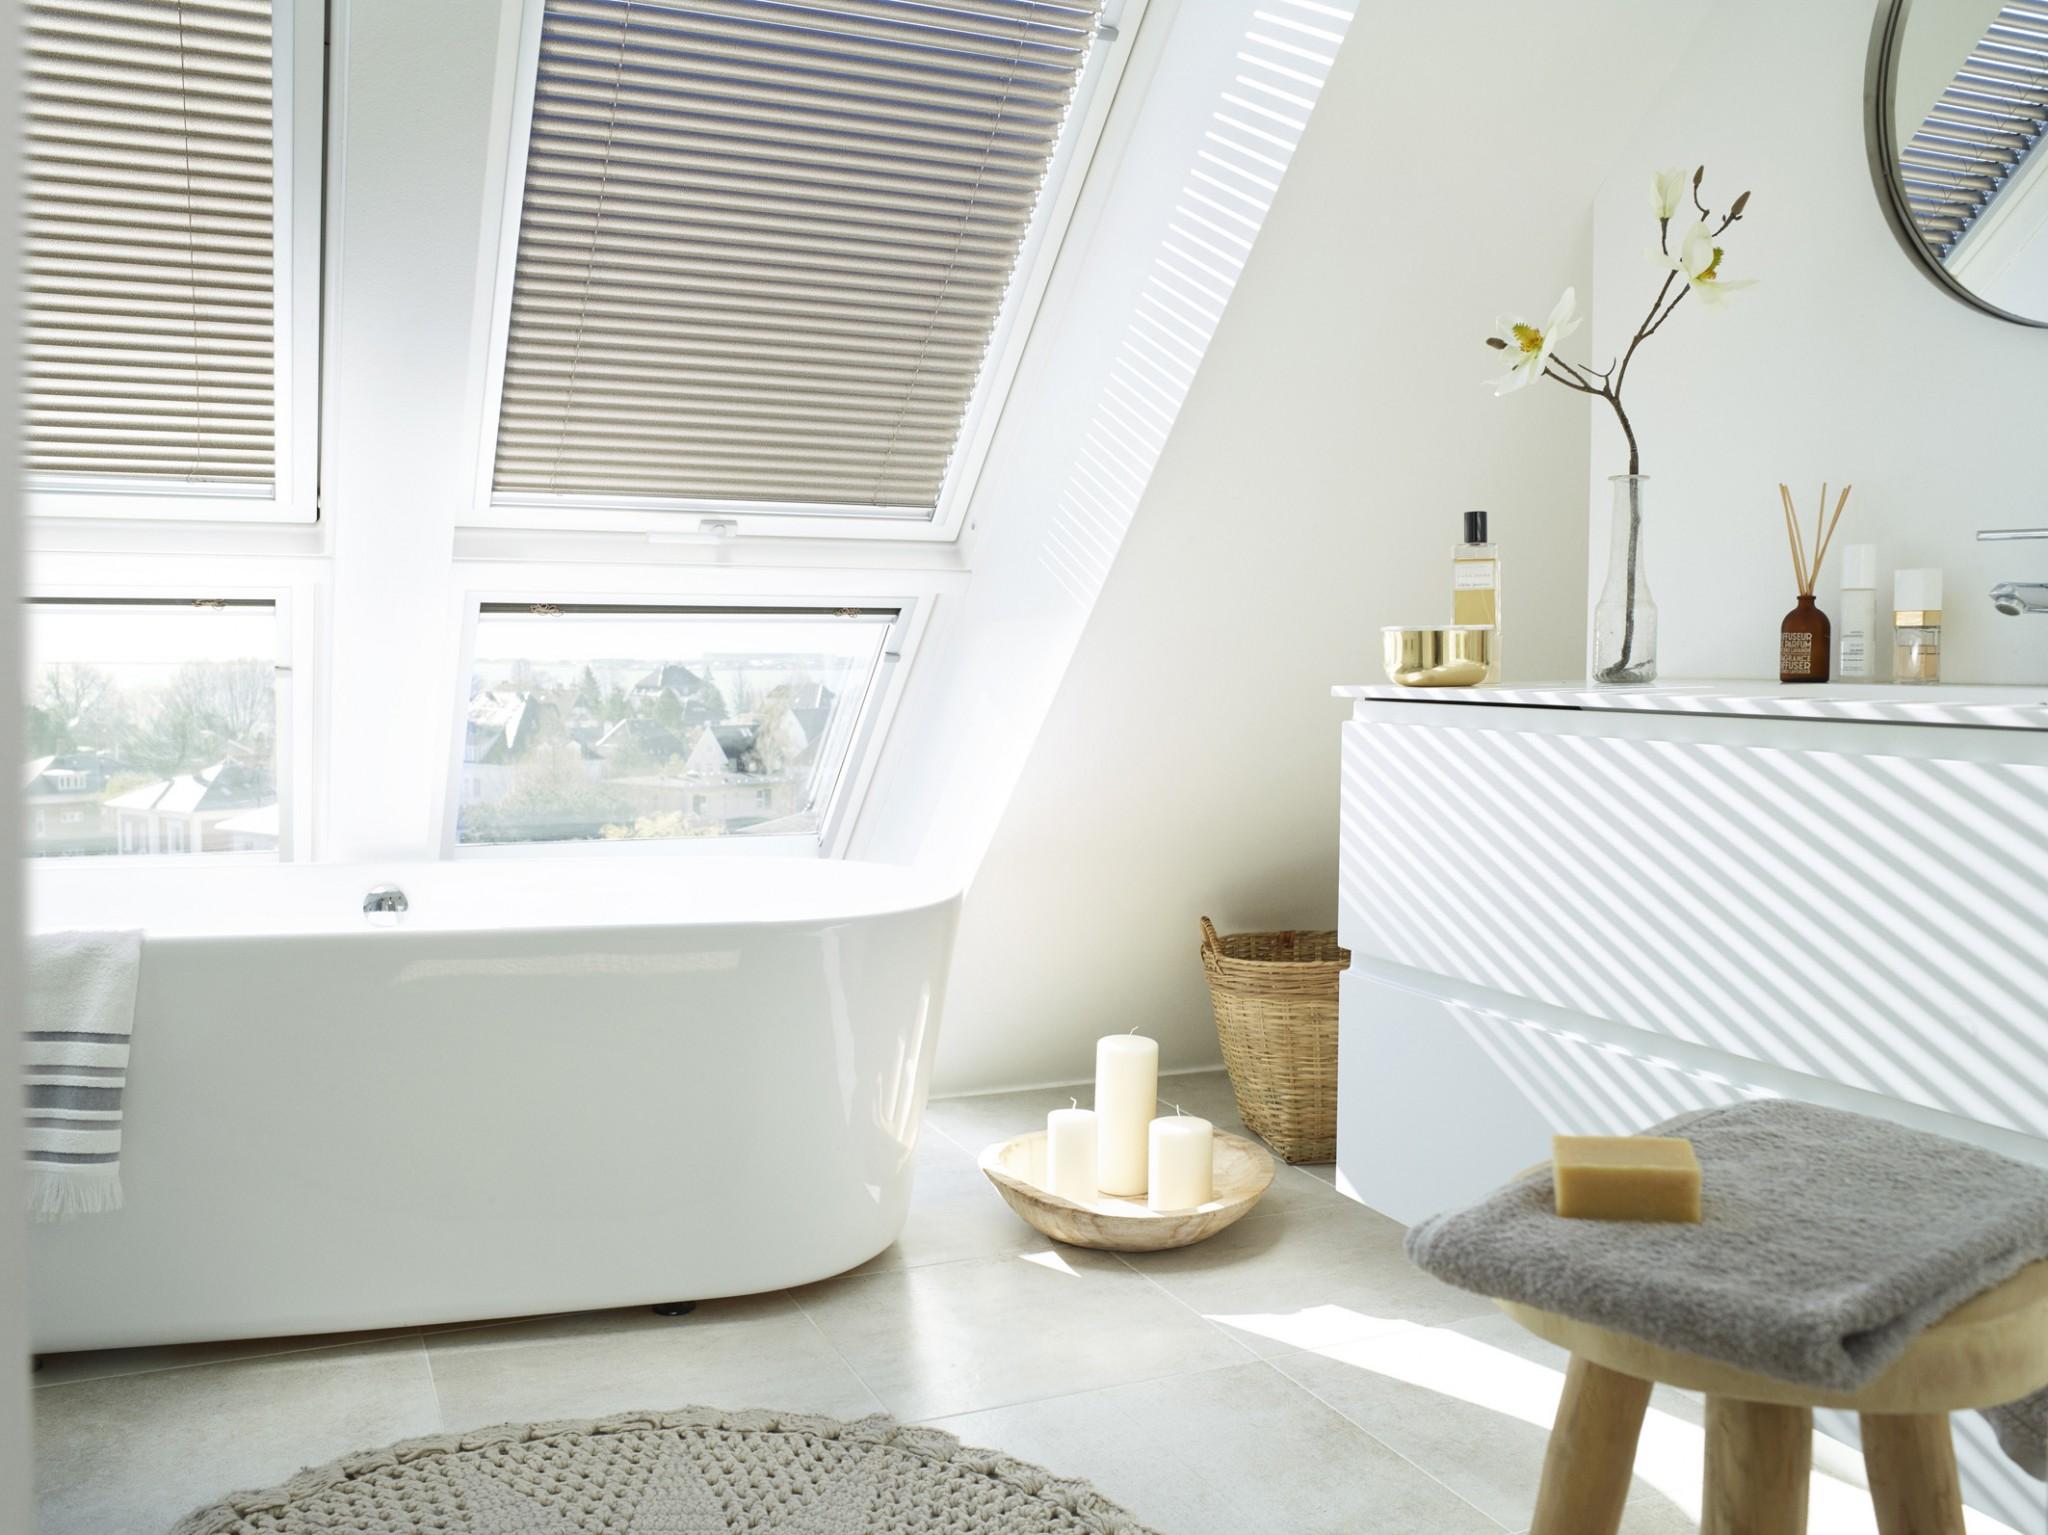 Henke Dachdecker für das Auetal - VELUX Dachfenster Kombination Badezimmer